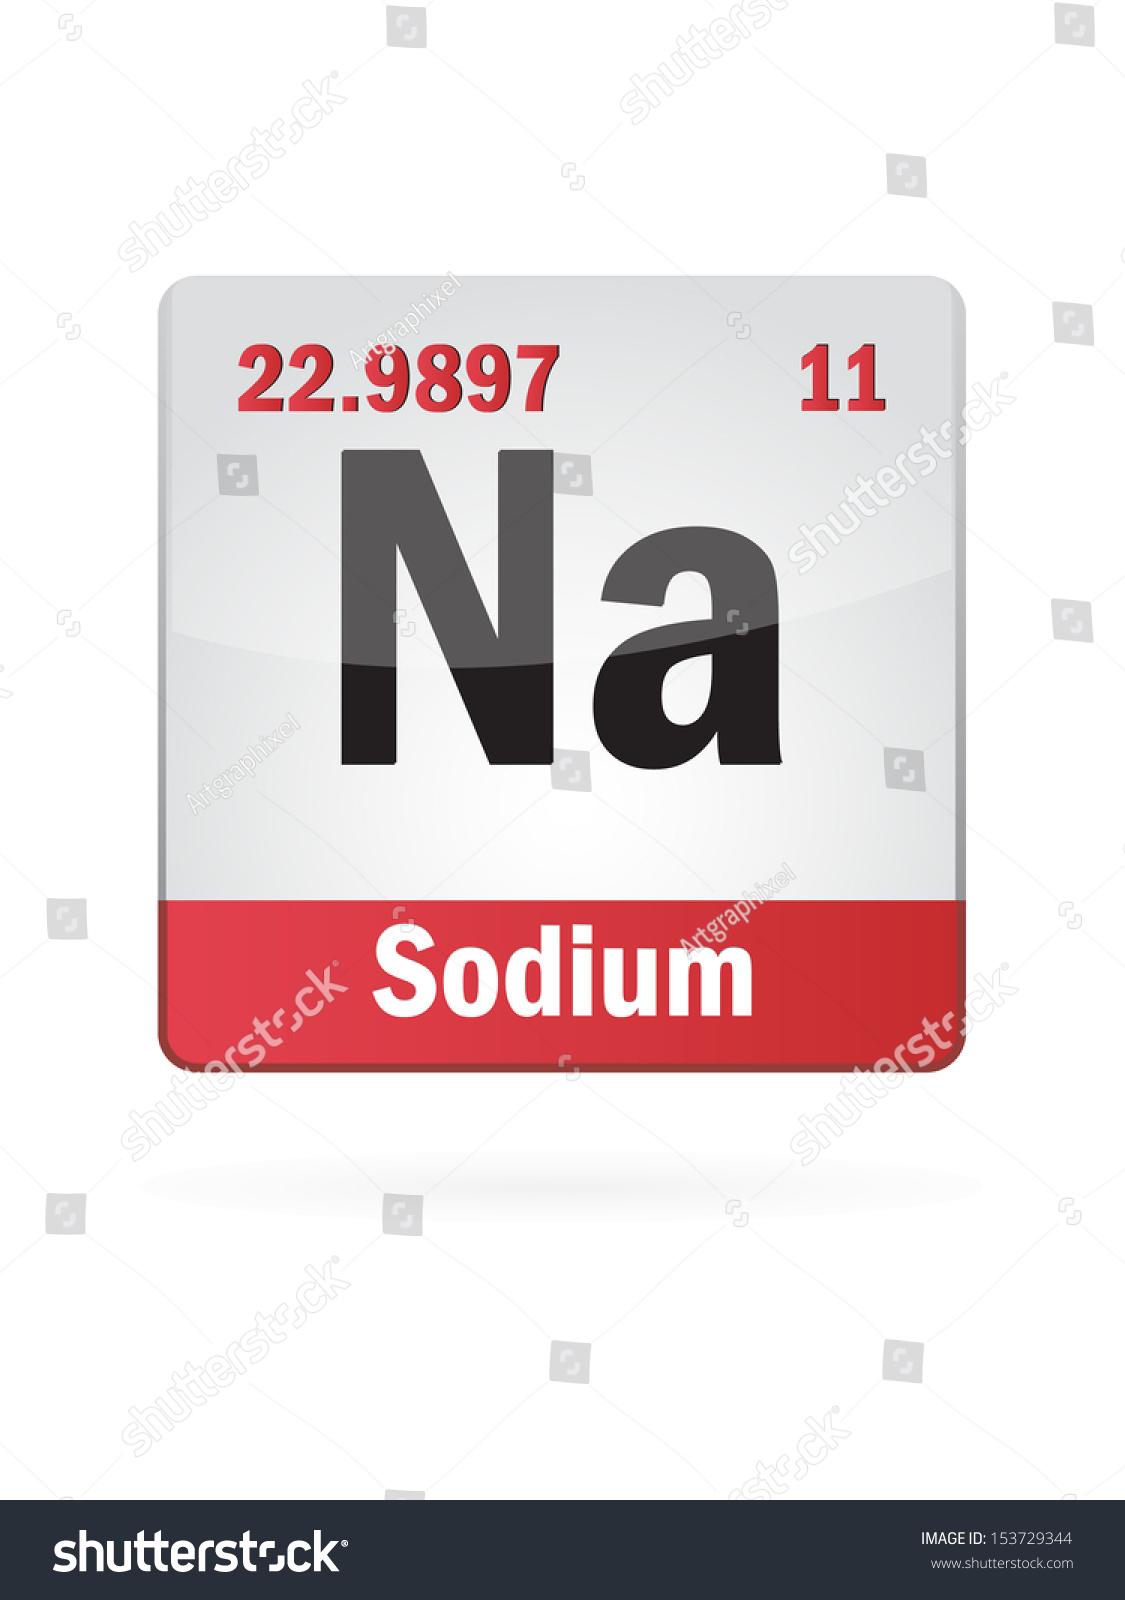 Sodium Facts